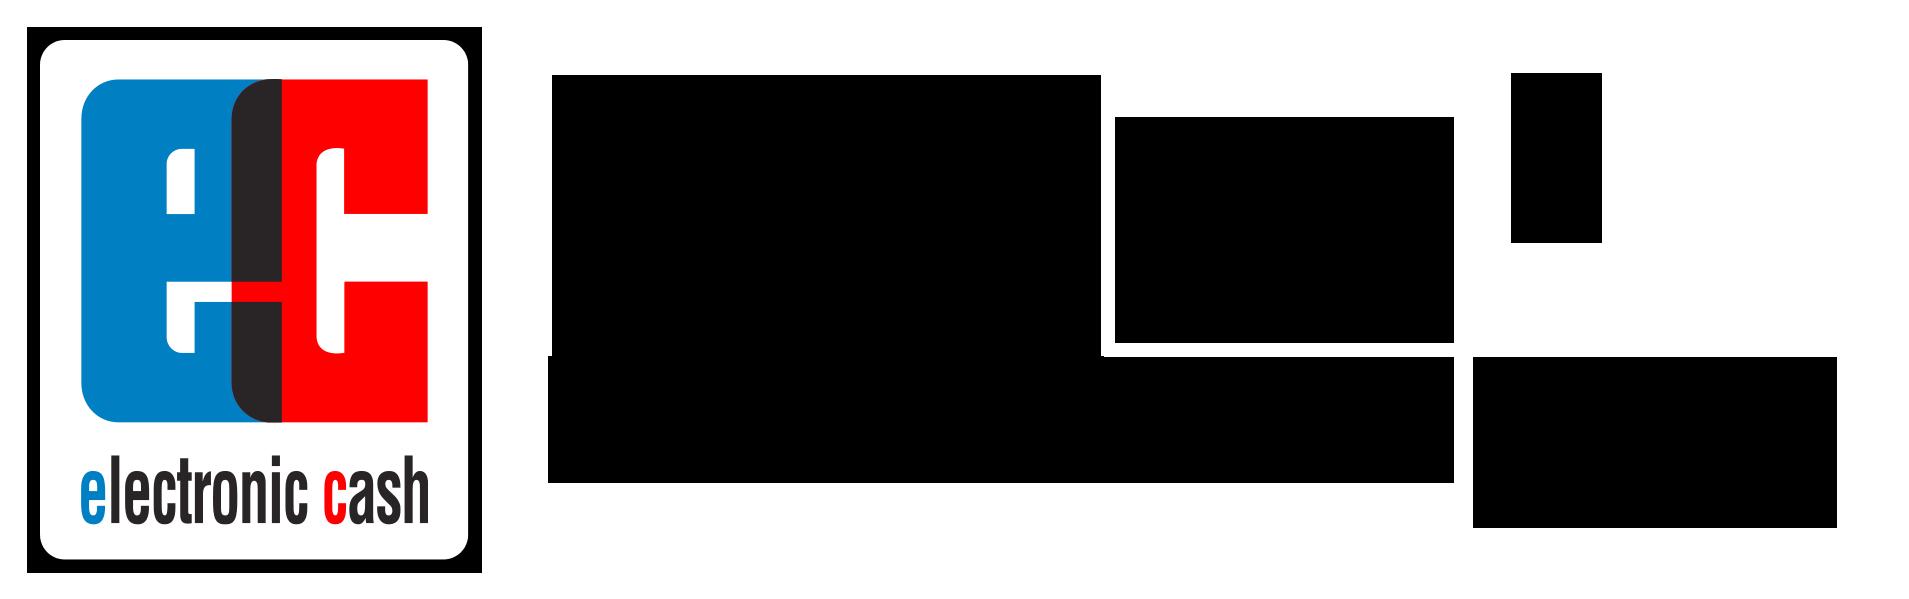 vorkasse-ueberweisung1